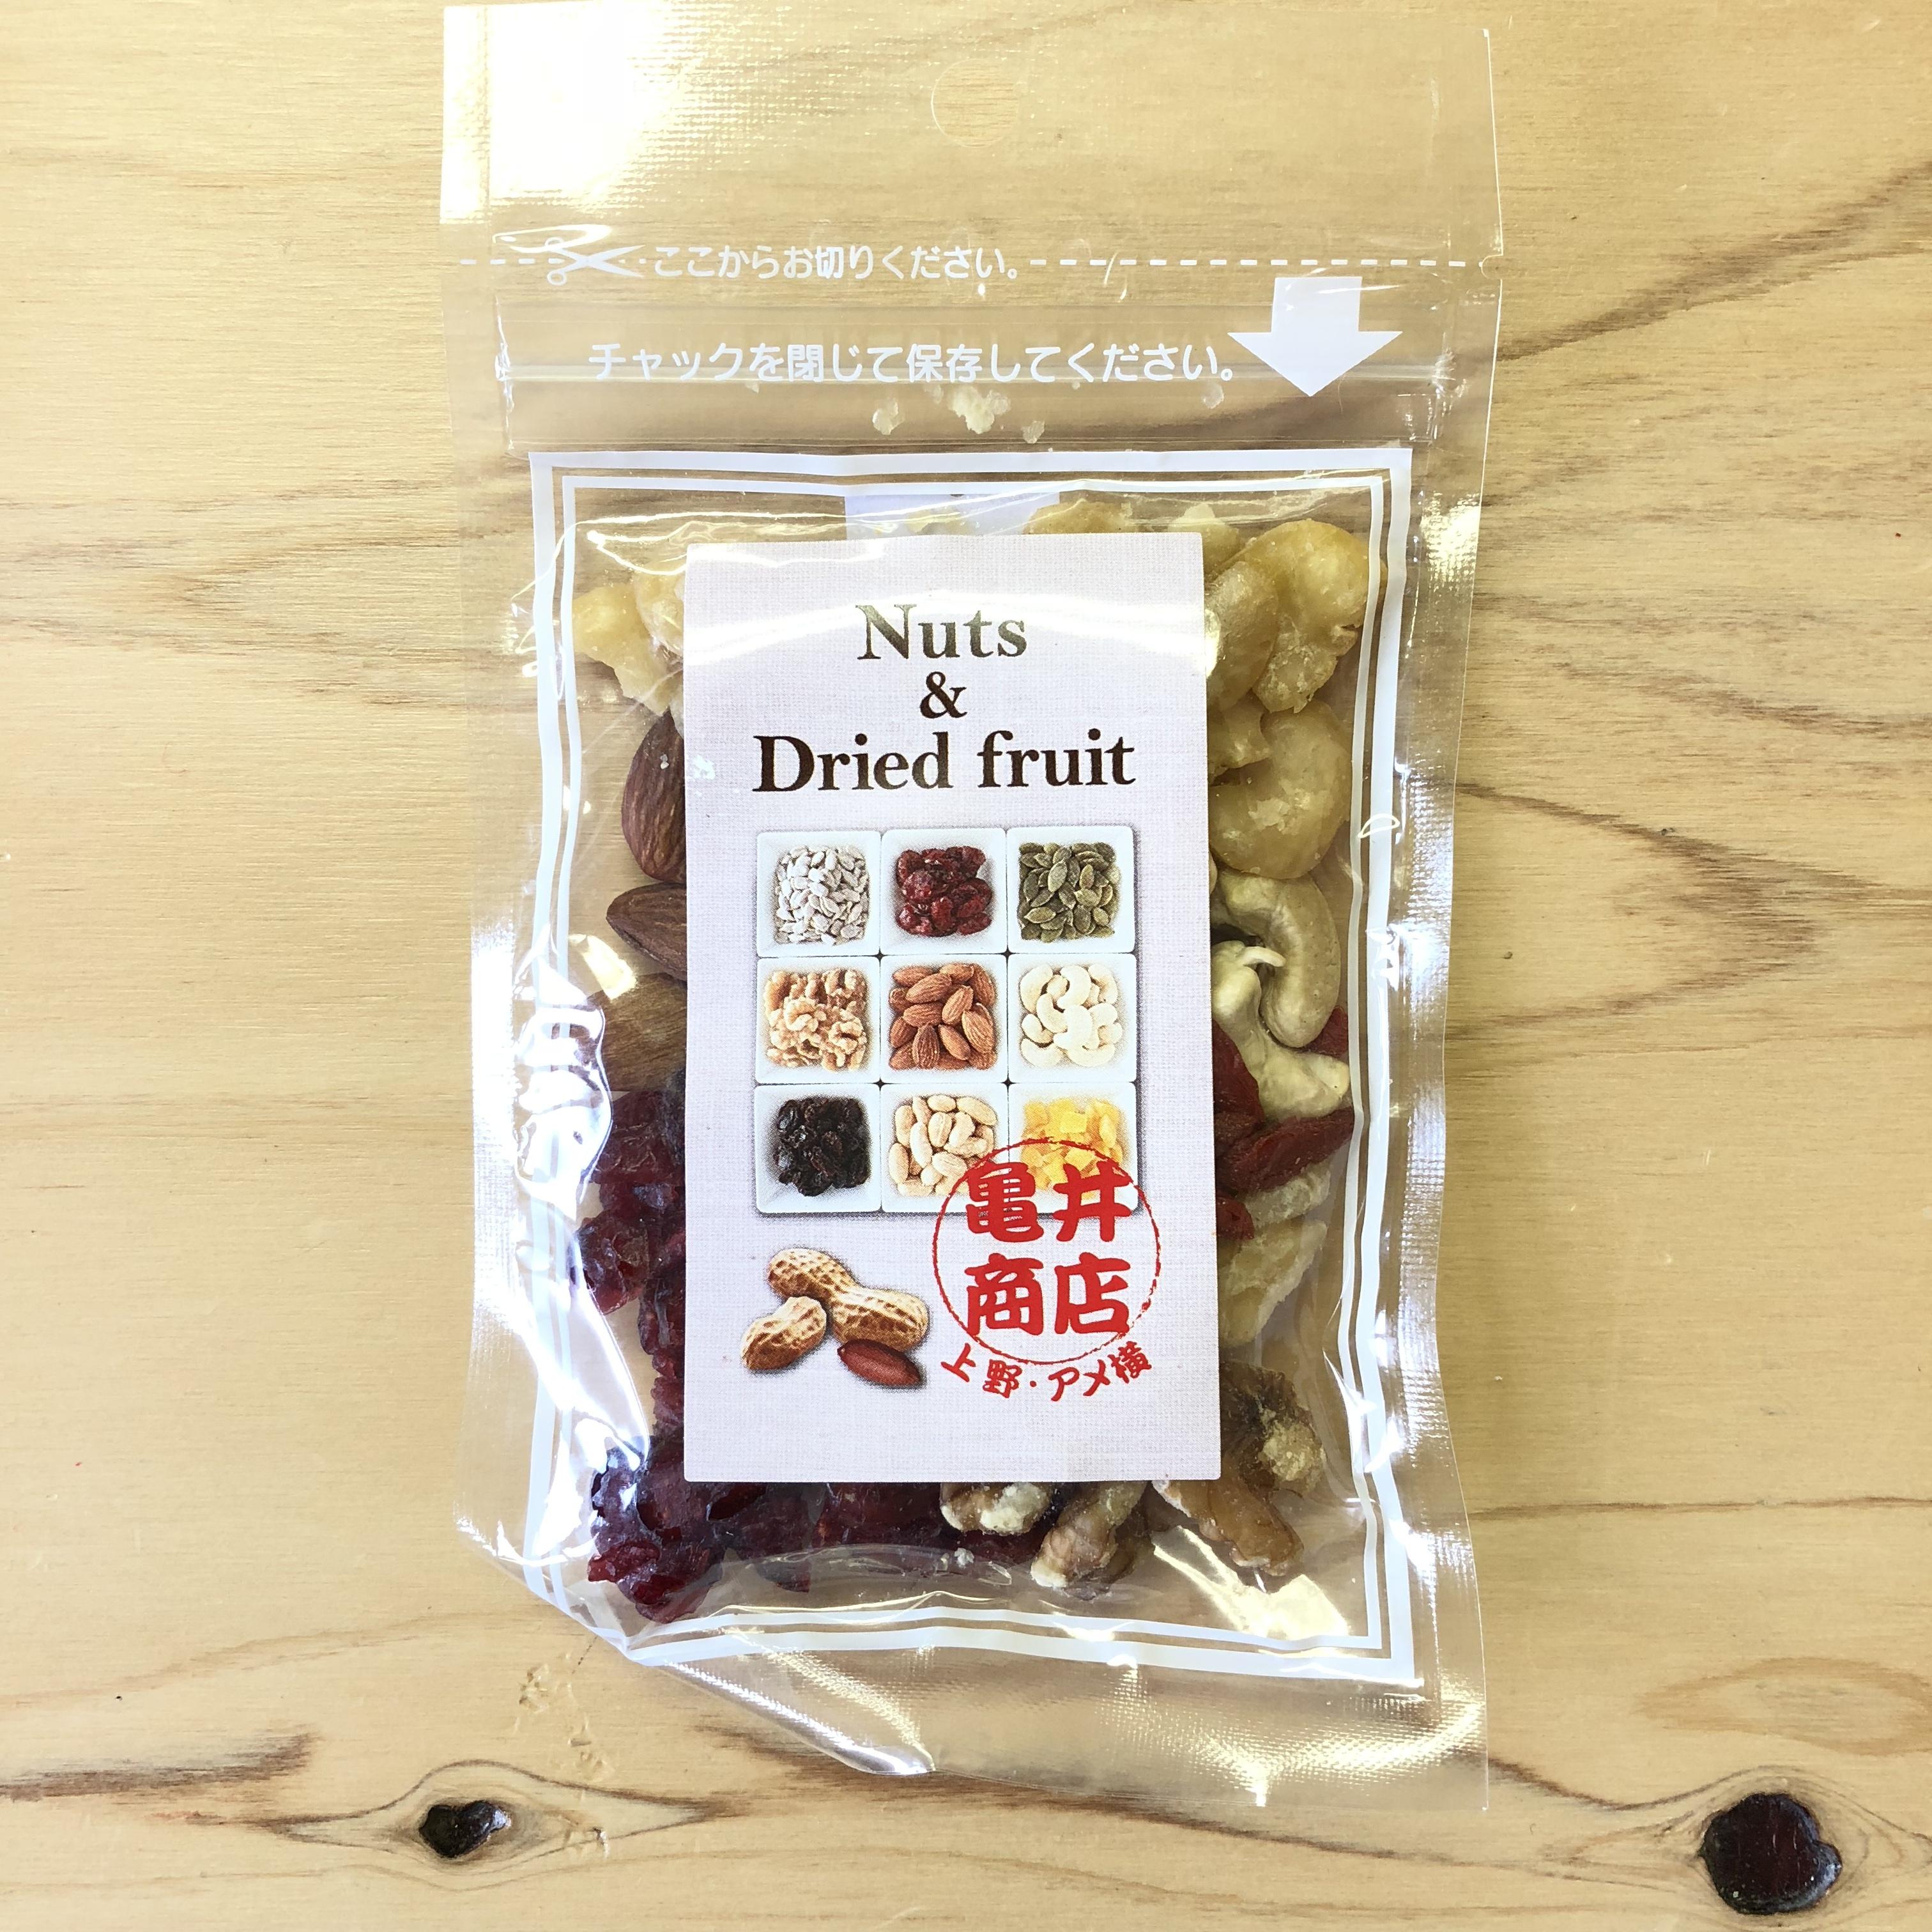 亀井商店 / ちよちよミックス 6種のナッツとドライフルーツ